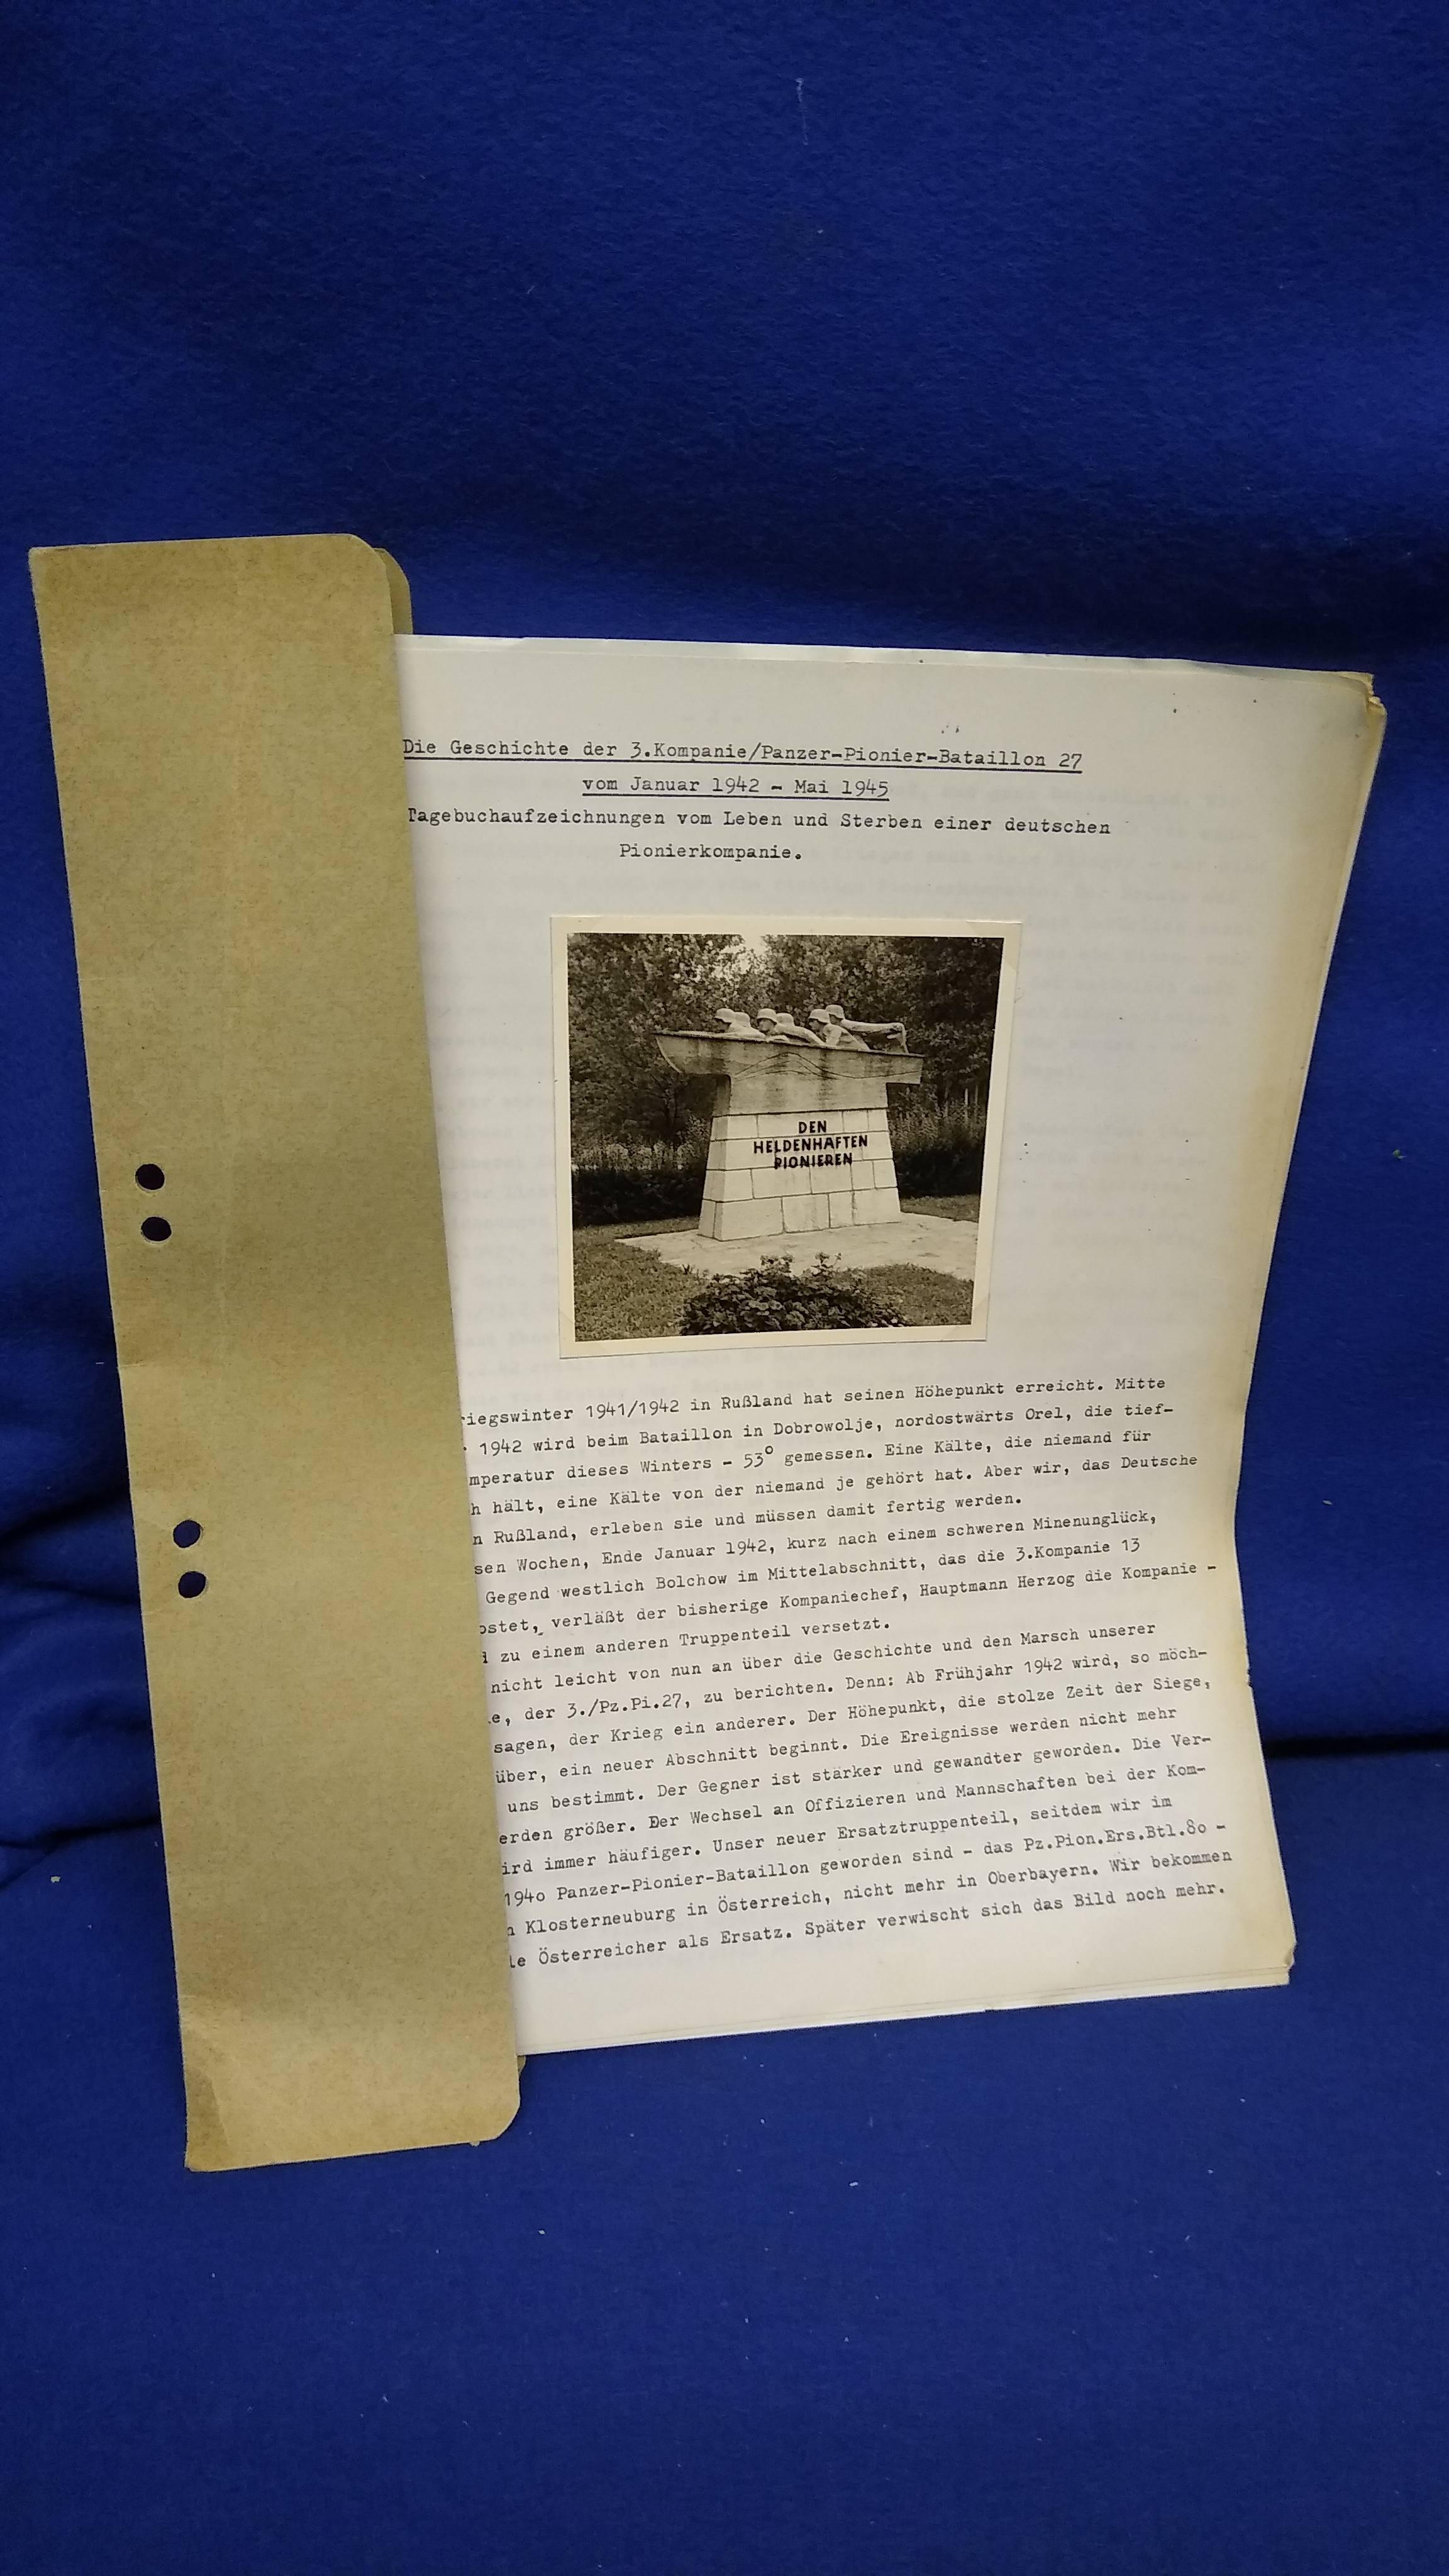 Die Geschichte der 3. Kompanie Panzer-Pionier-Bataillon 27 vom Januar 1942 bis Mai 1945. Aufzeichnungen vom Leben und Sterben einer Pionierkompanie.